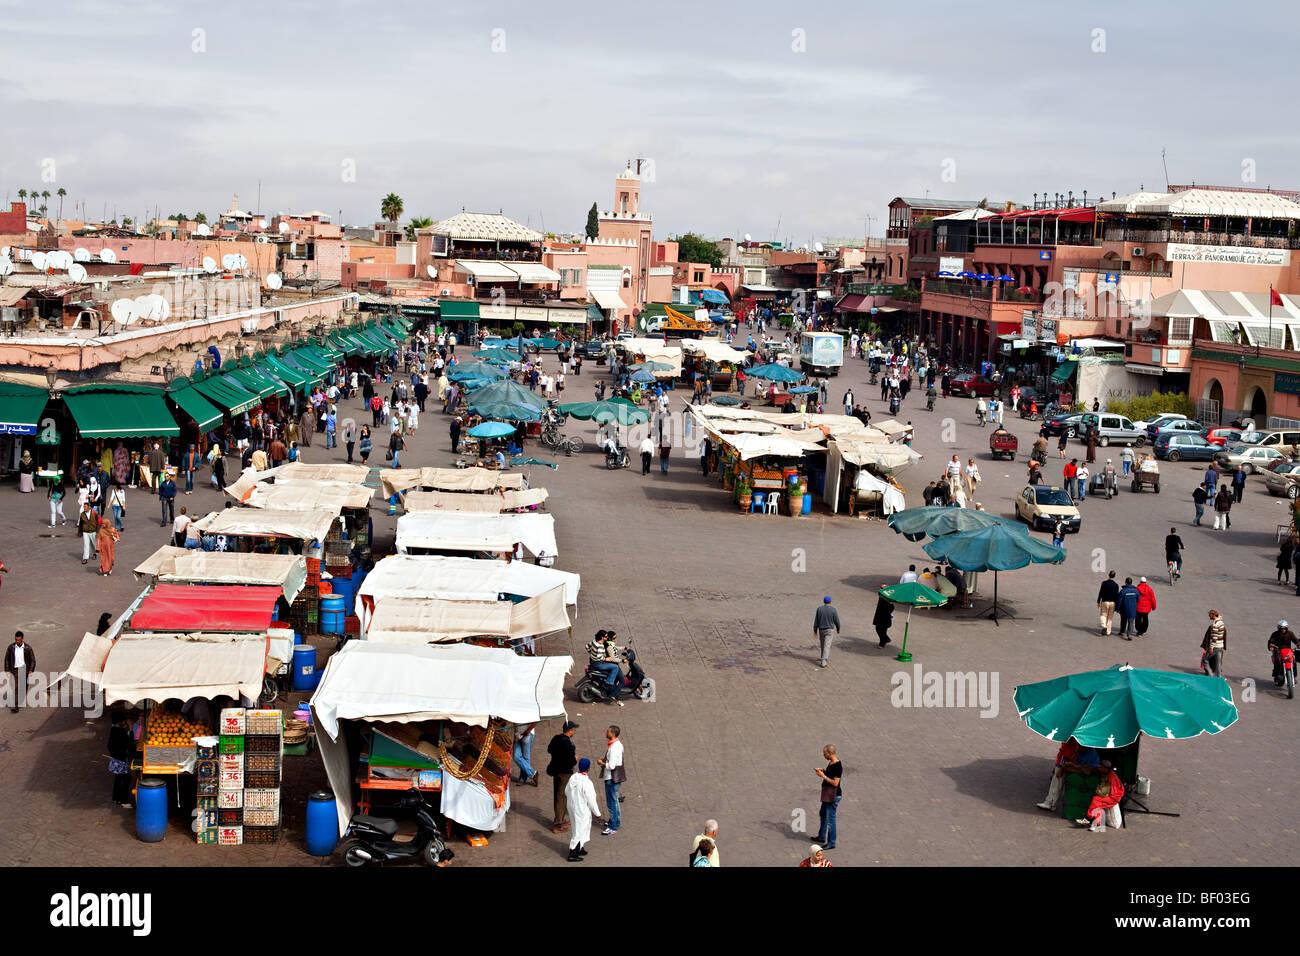 Jemaa el Fna main square in the medina of Marrakesh, Morocco. Stock Photo